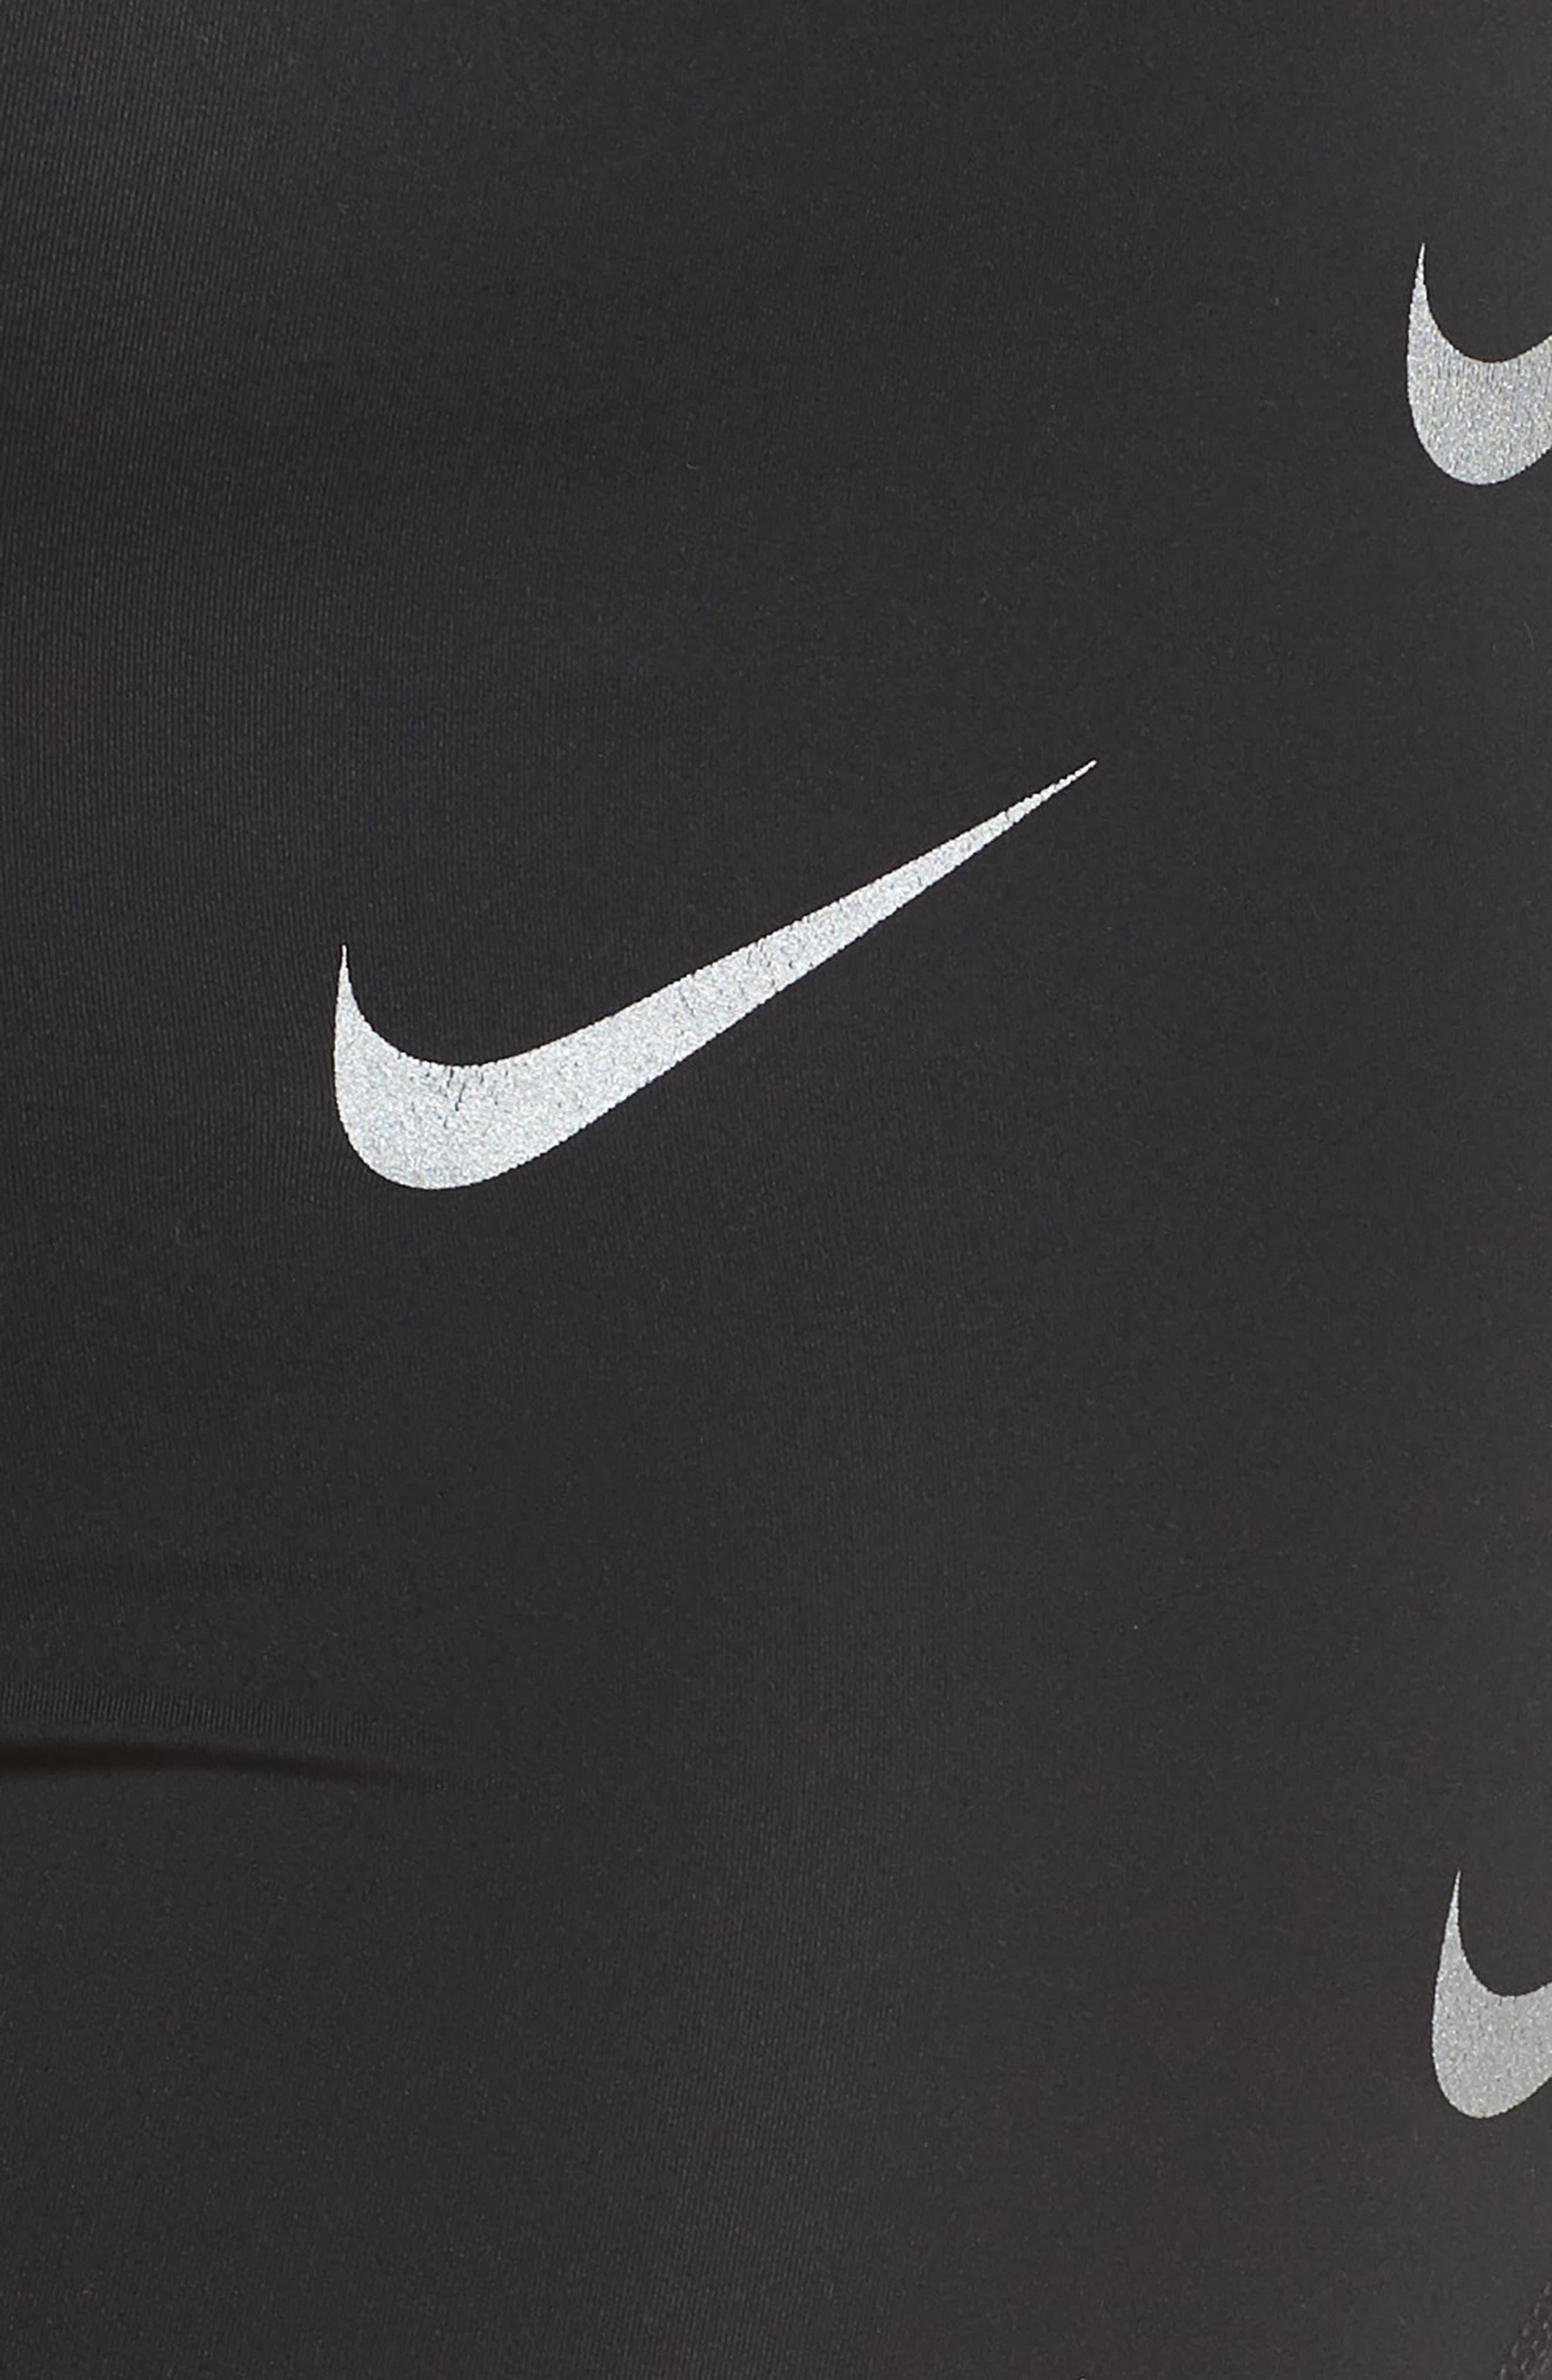 Pro Metallic Shorts,                             Alternate thumbnail 13, color,                             BLACK